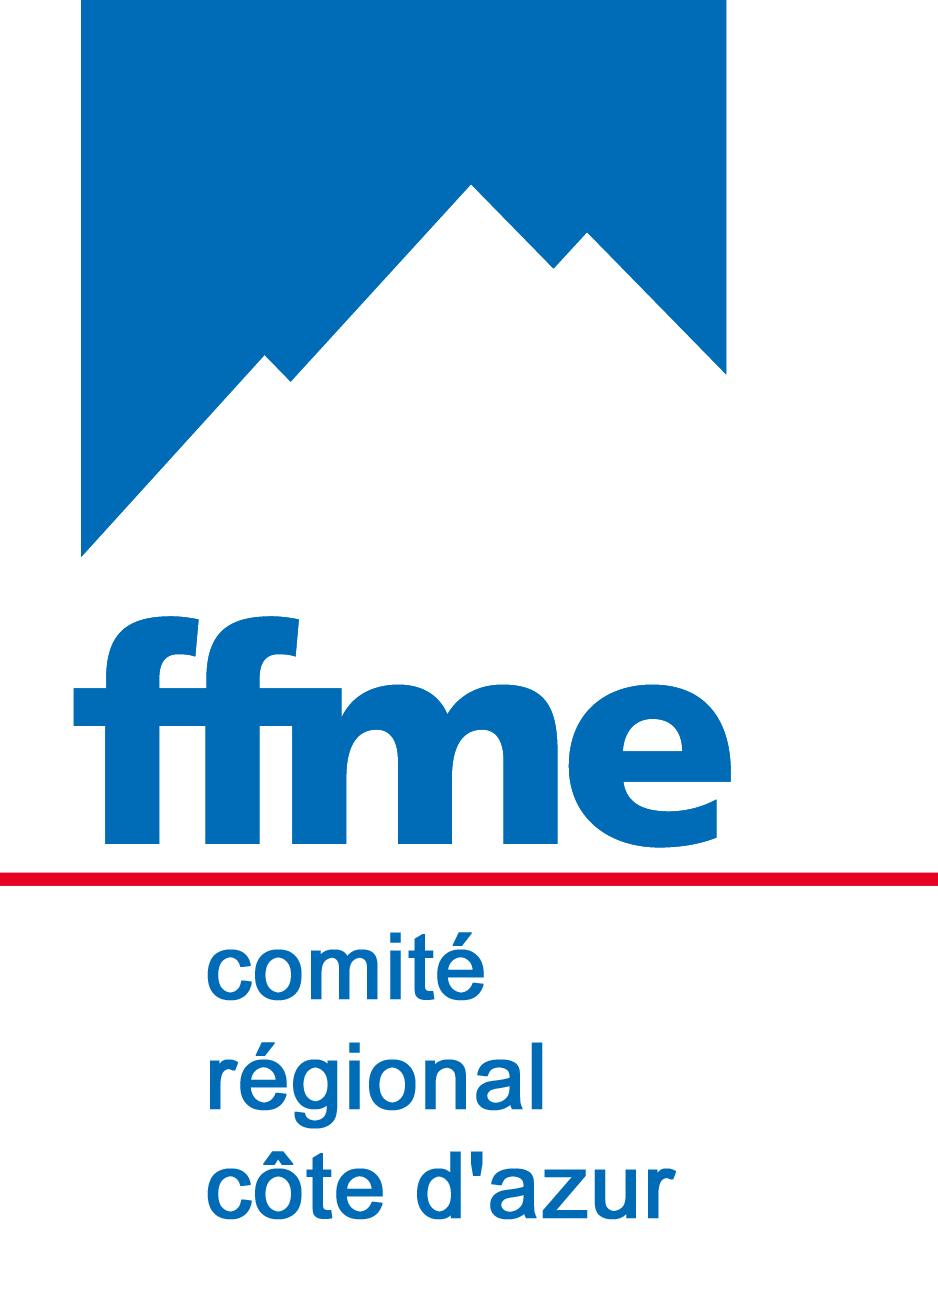 FFMontagne Escalade - Comité Régional Côte d'Azur